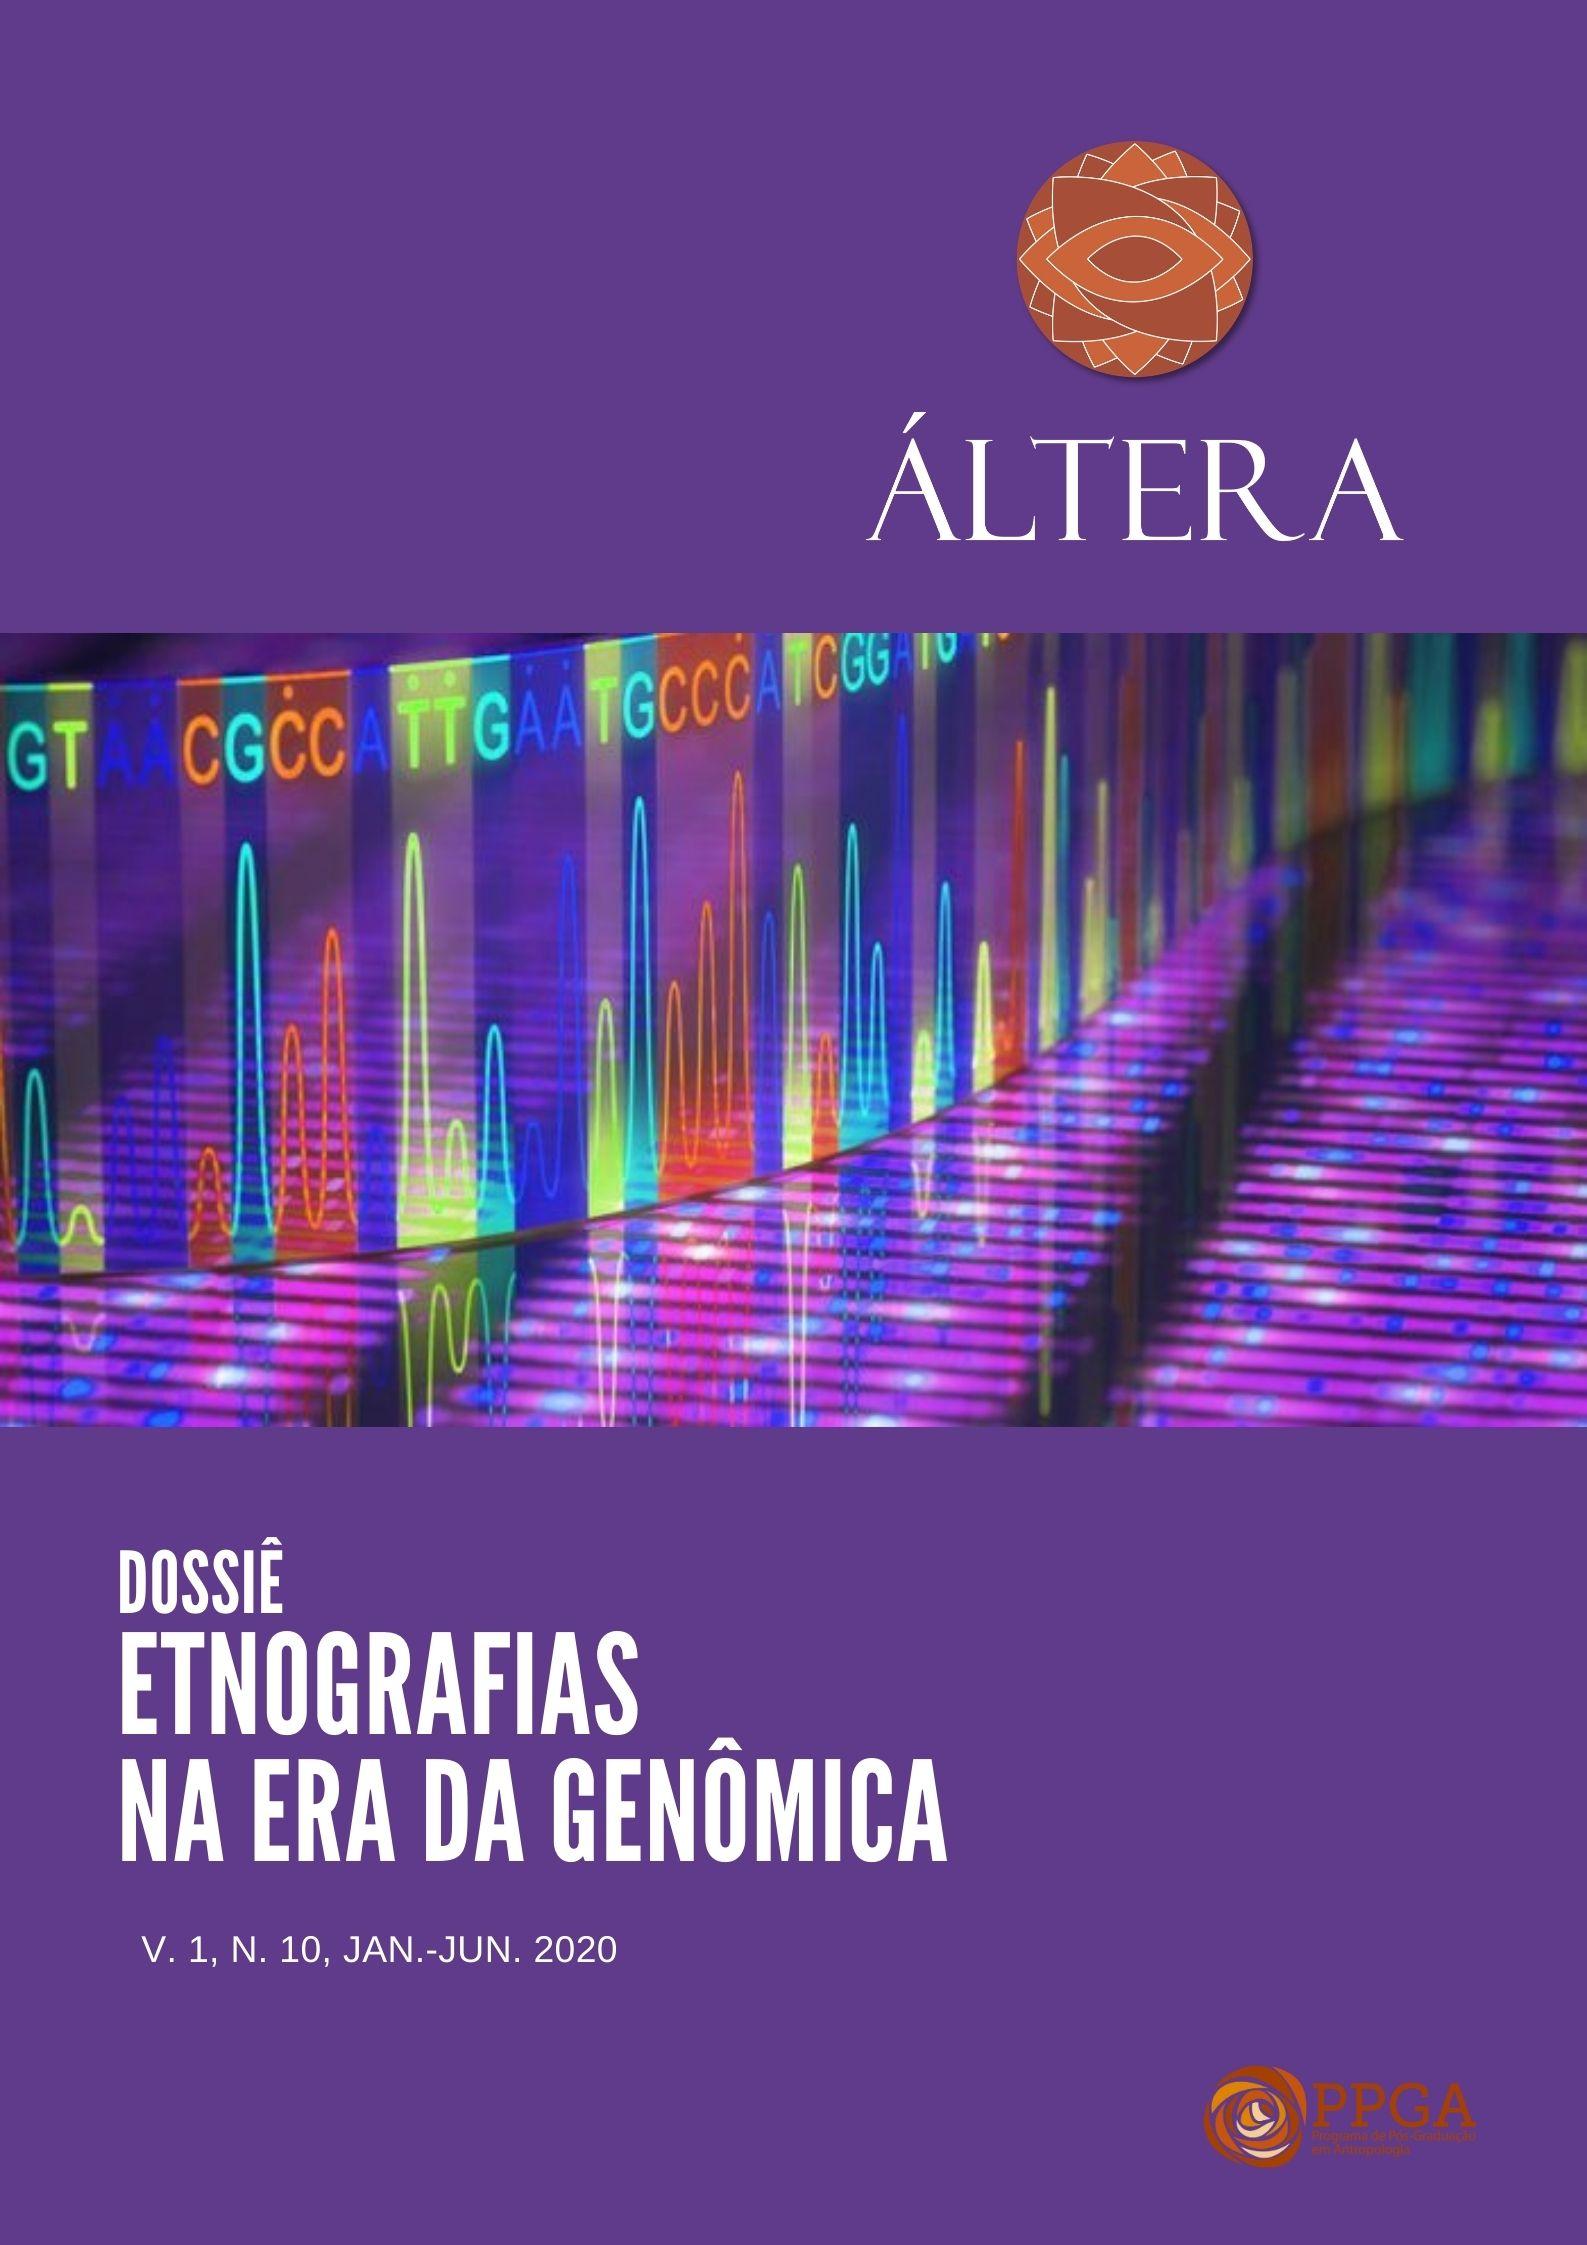 Visualizar v. 1 n. 10 (2020): Dossiê Etnografias na Era da Genômica